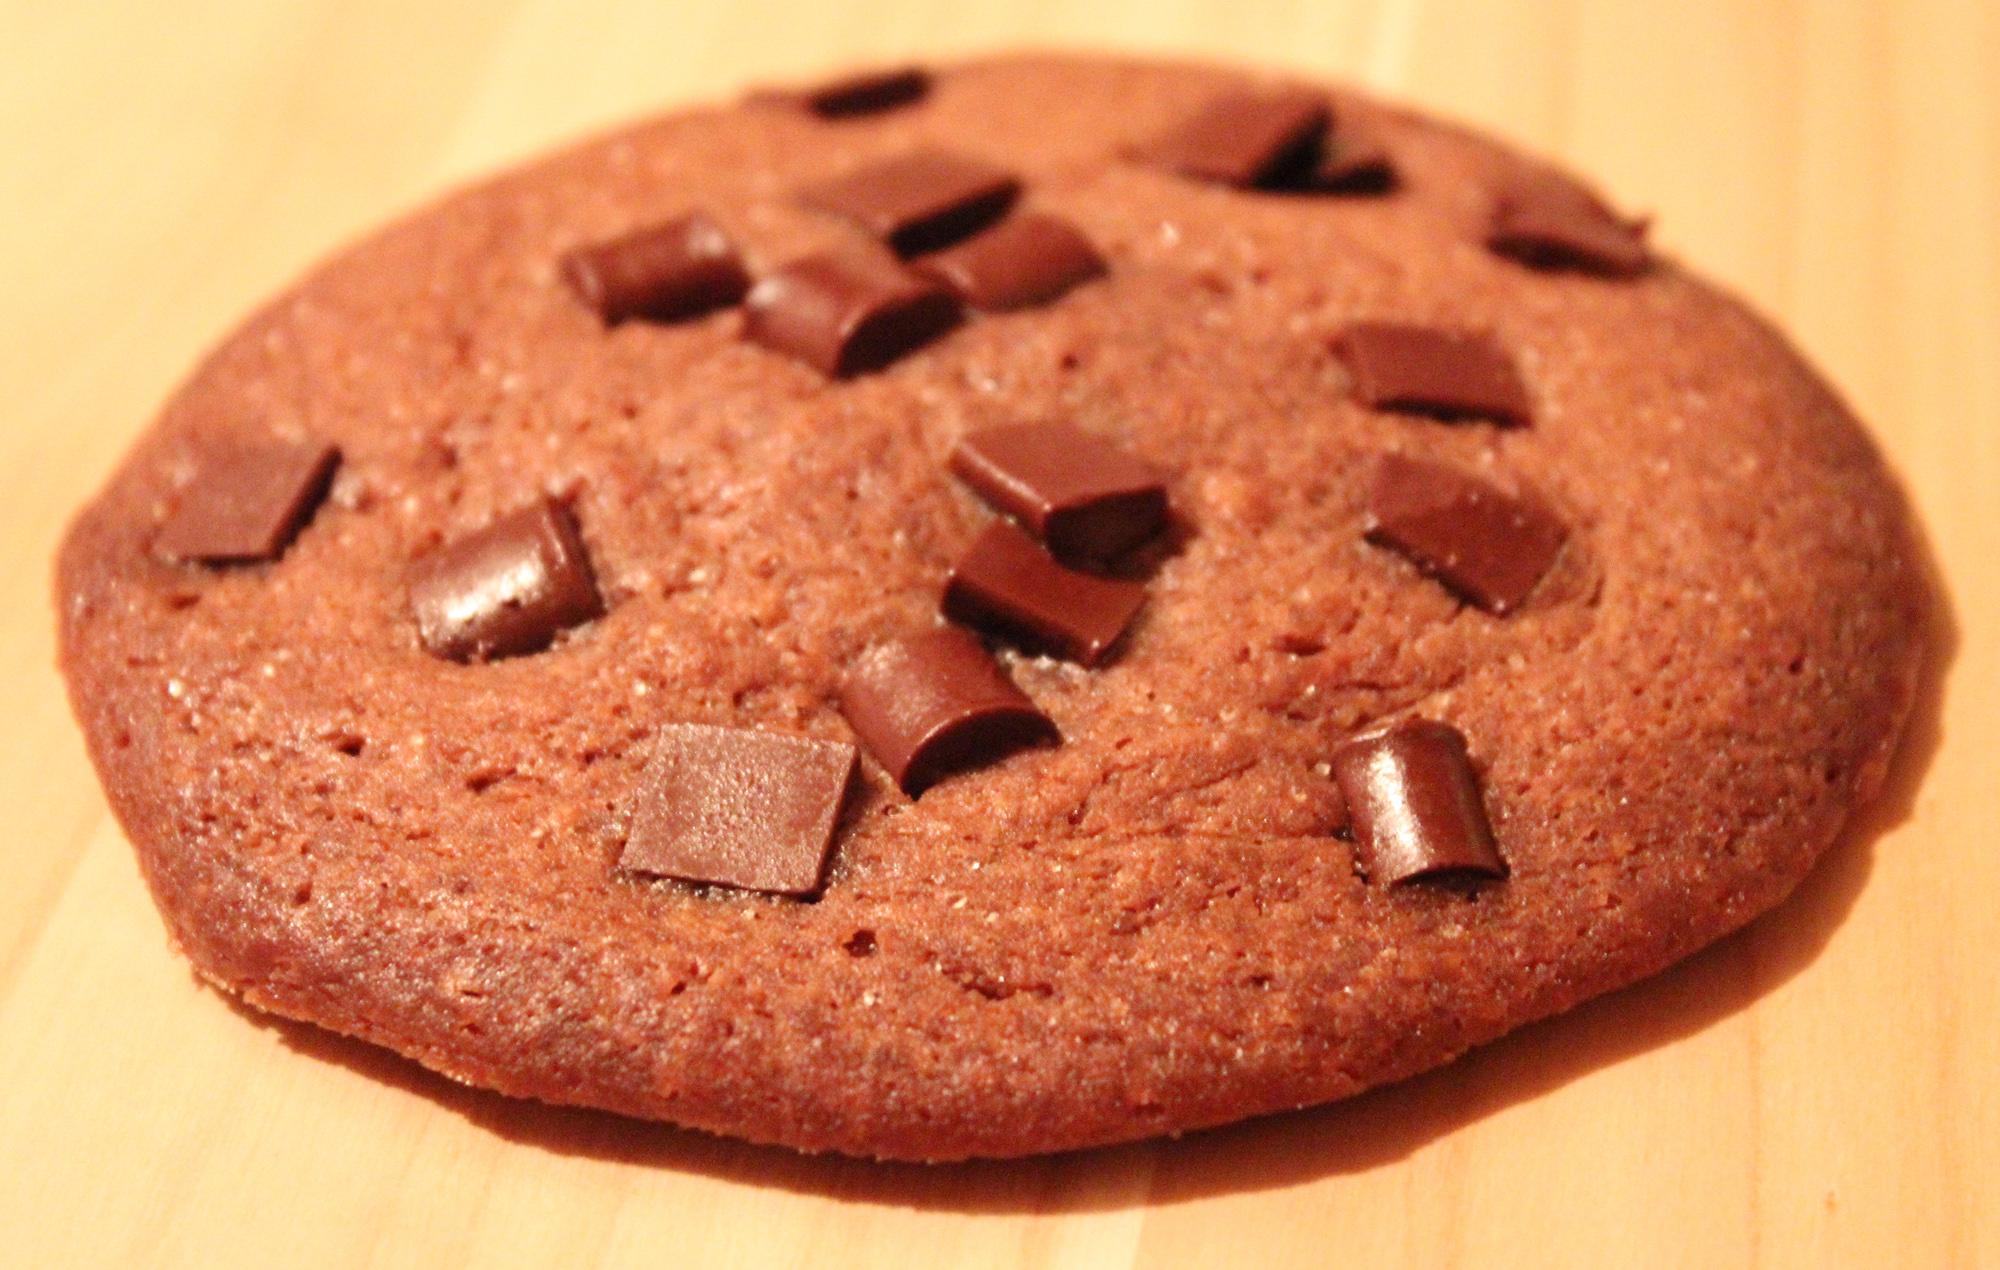 Recette cookie g ant au nutella - Recette de cookies au nutella ...